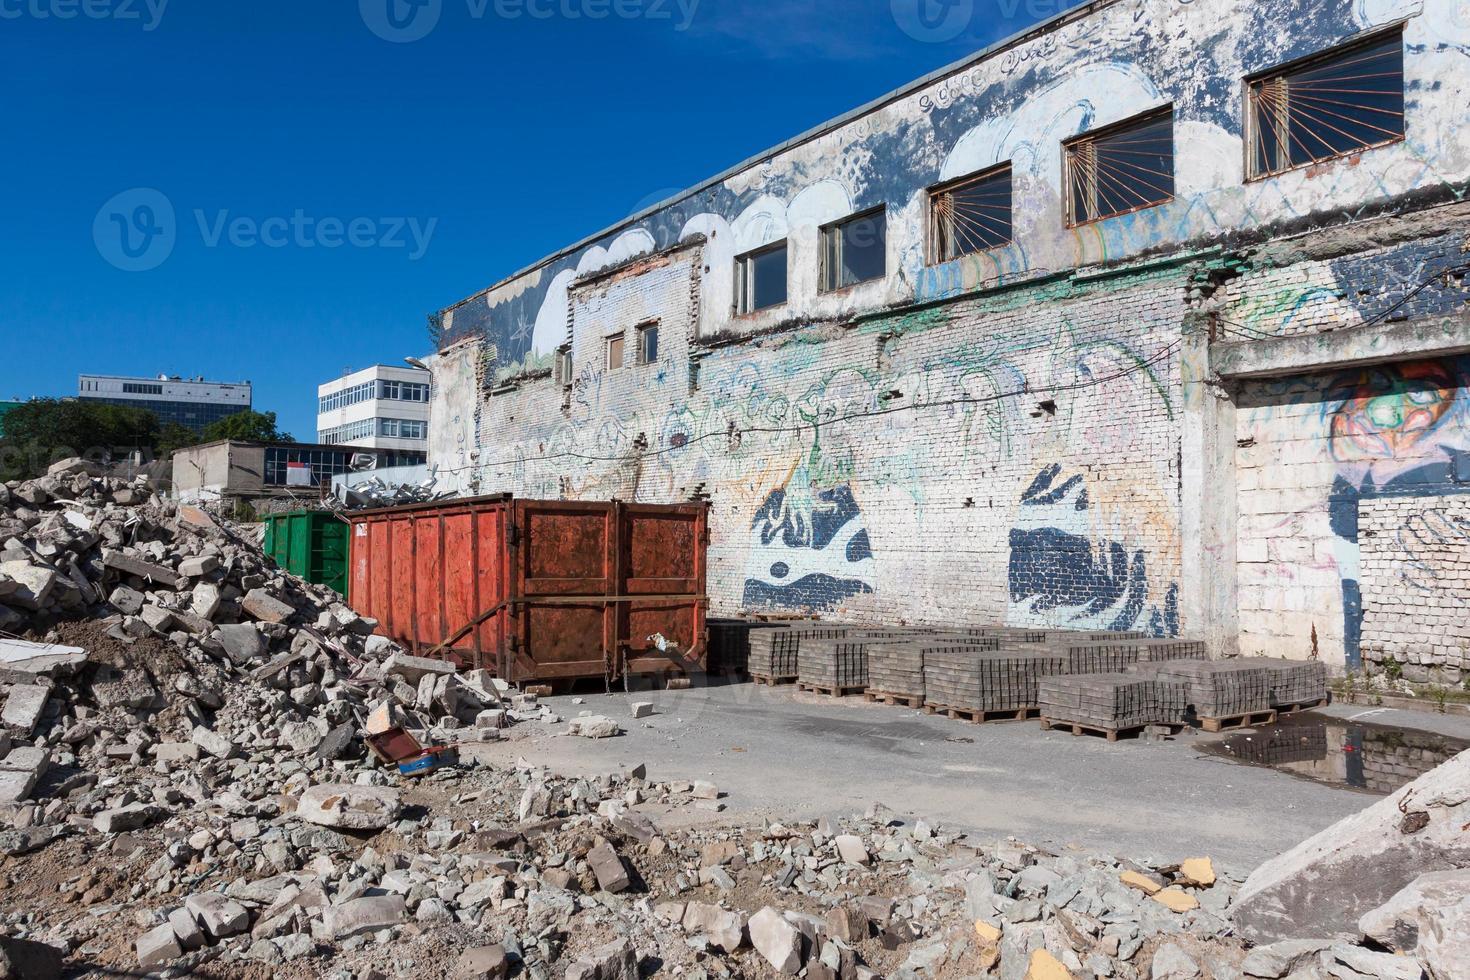 escombros en el sitio de construcción foto